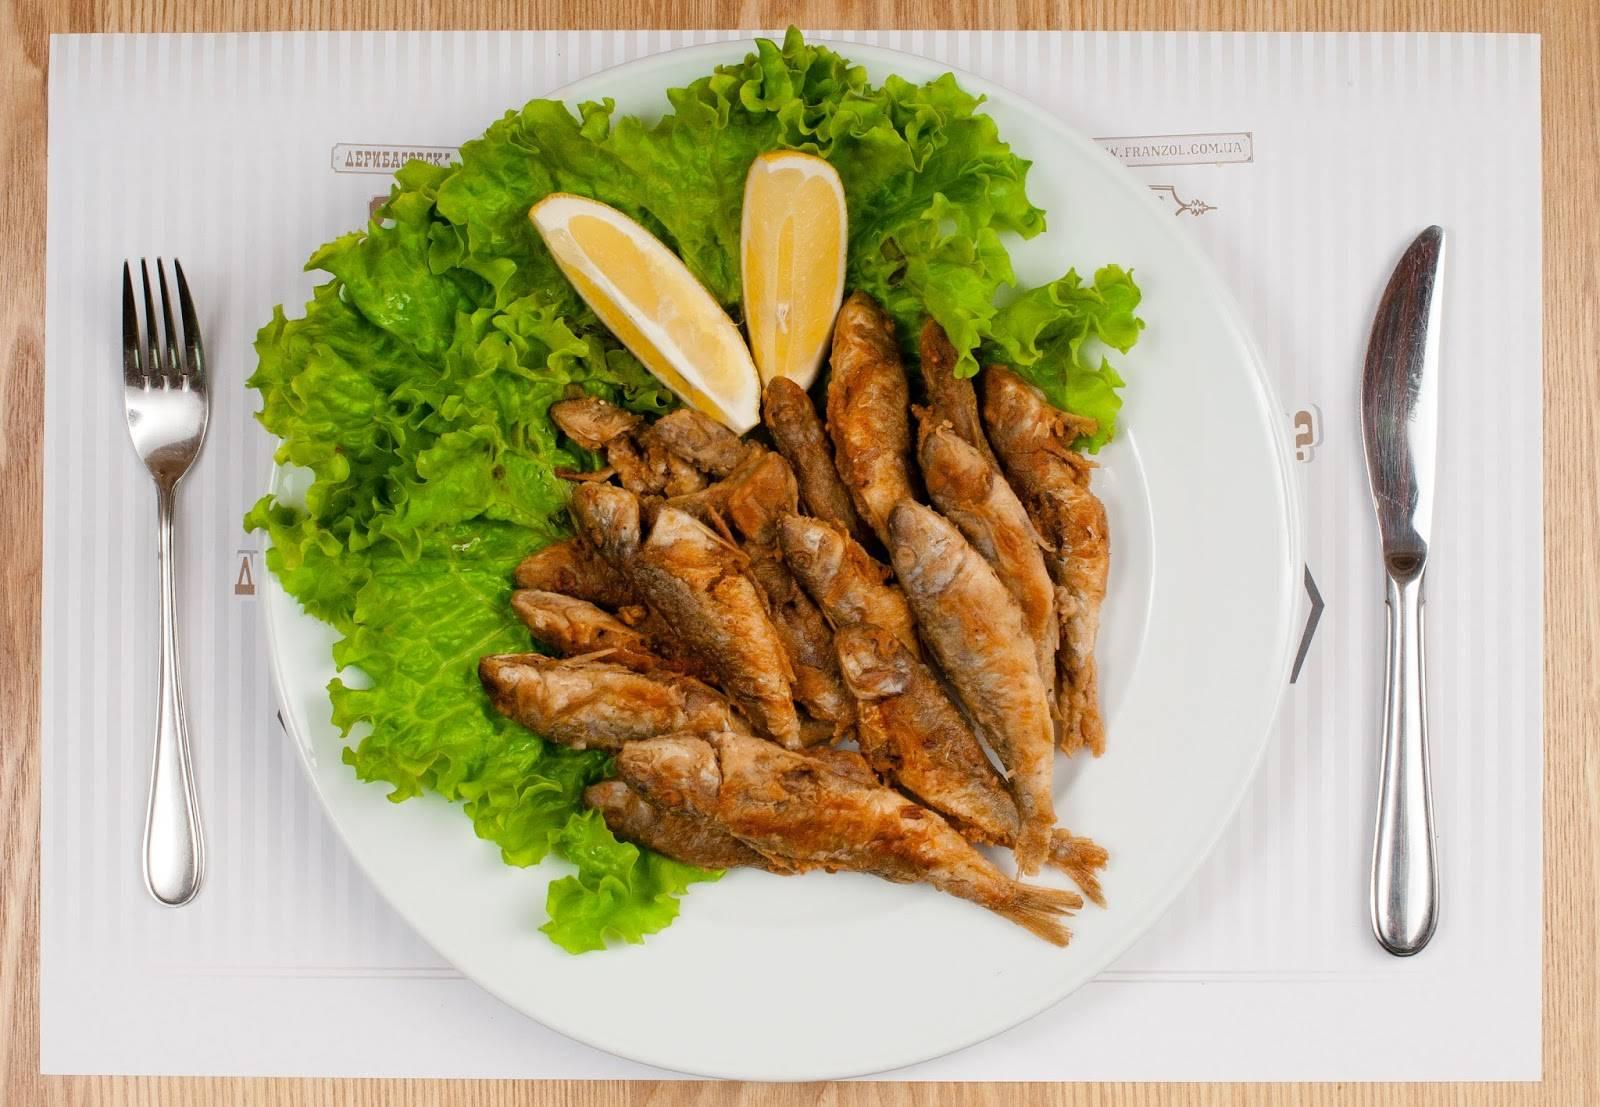 Черноморский бычок. с чем его едят и, главное, как ловят - рыбалка и рыбаки